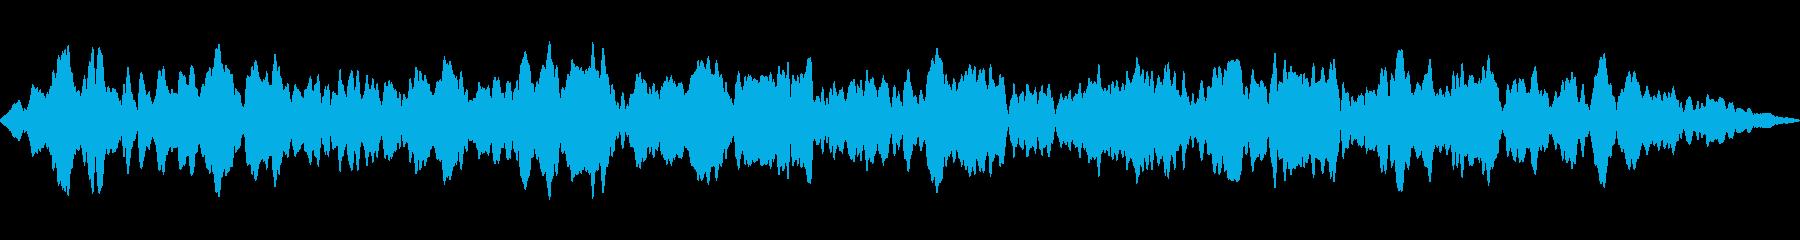 サイファイ変調の再生済みの波形